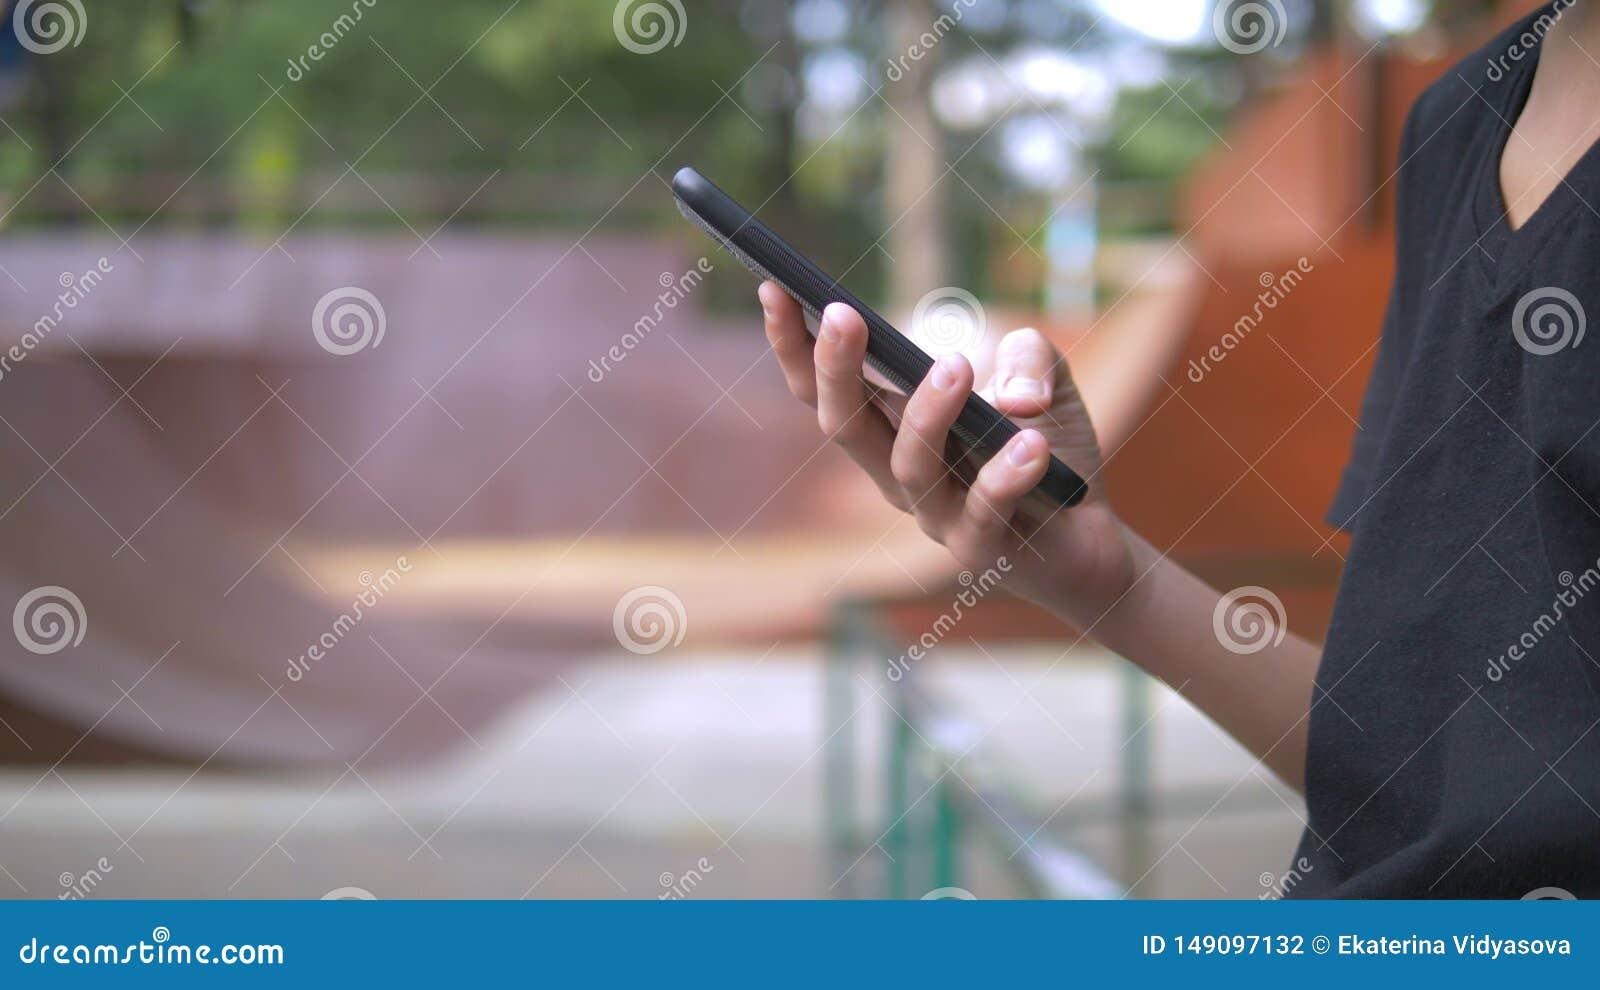 Muchacho adolescente solamente usando un tel?fono m?vil contra la perspectiva de un parque del pat?n mientras que otros ni?os se